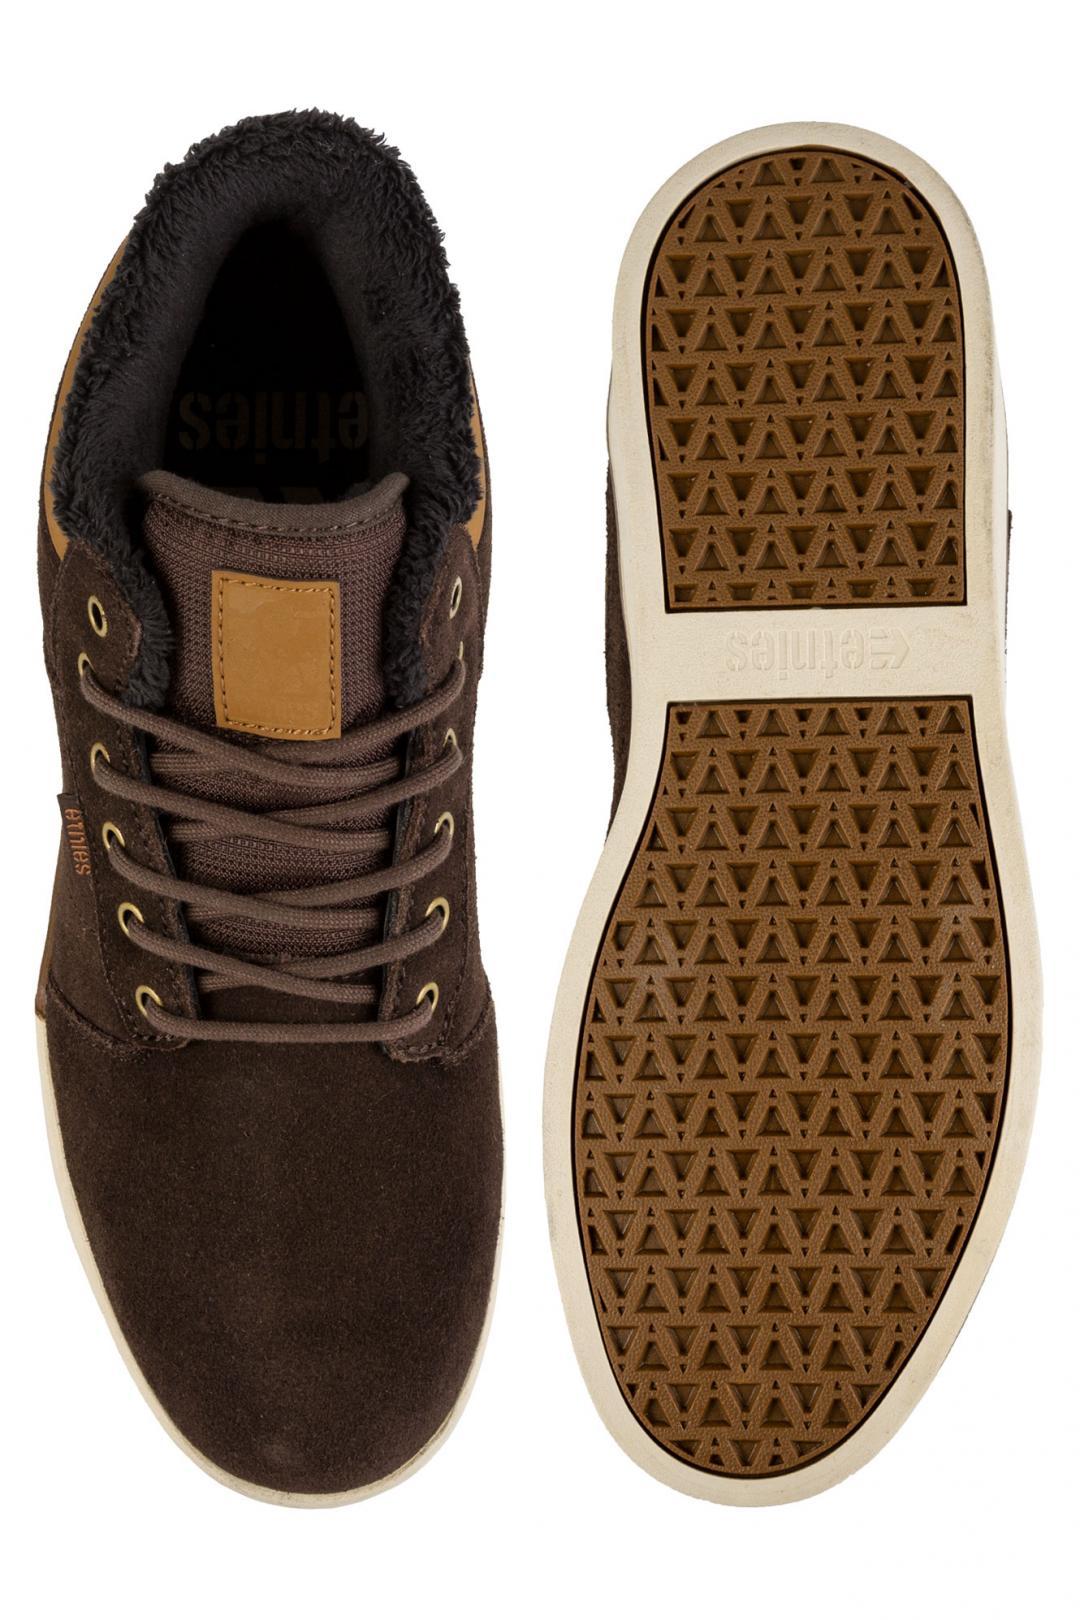 Uomo Etnies Jefferson Mid brown brown   Sneakers mid top